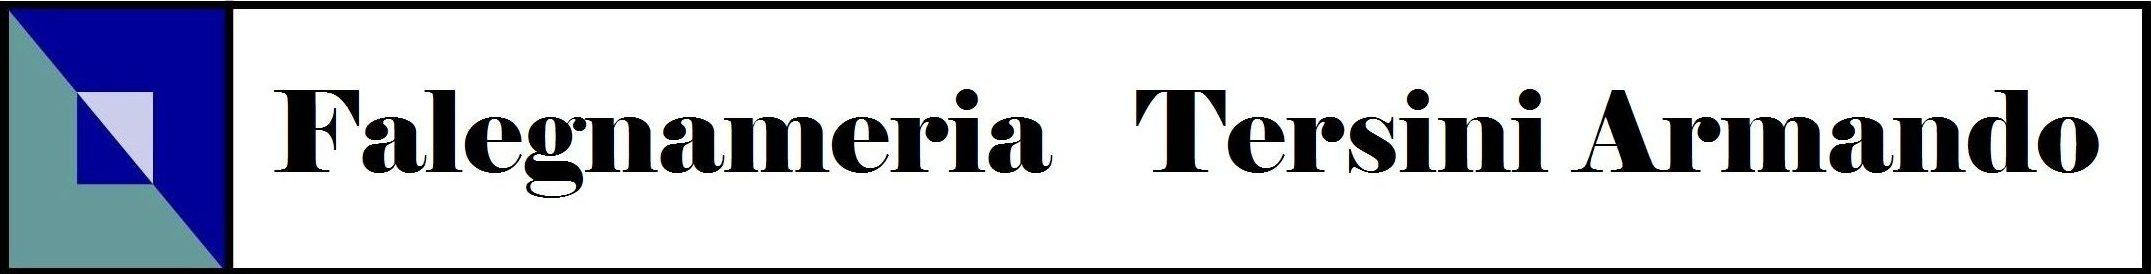 Falegnameria Tersini - Finestre in legno certificate e arredamento interno su misura dal 1960